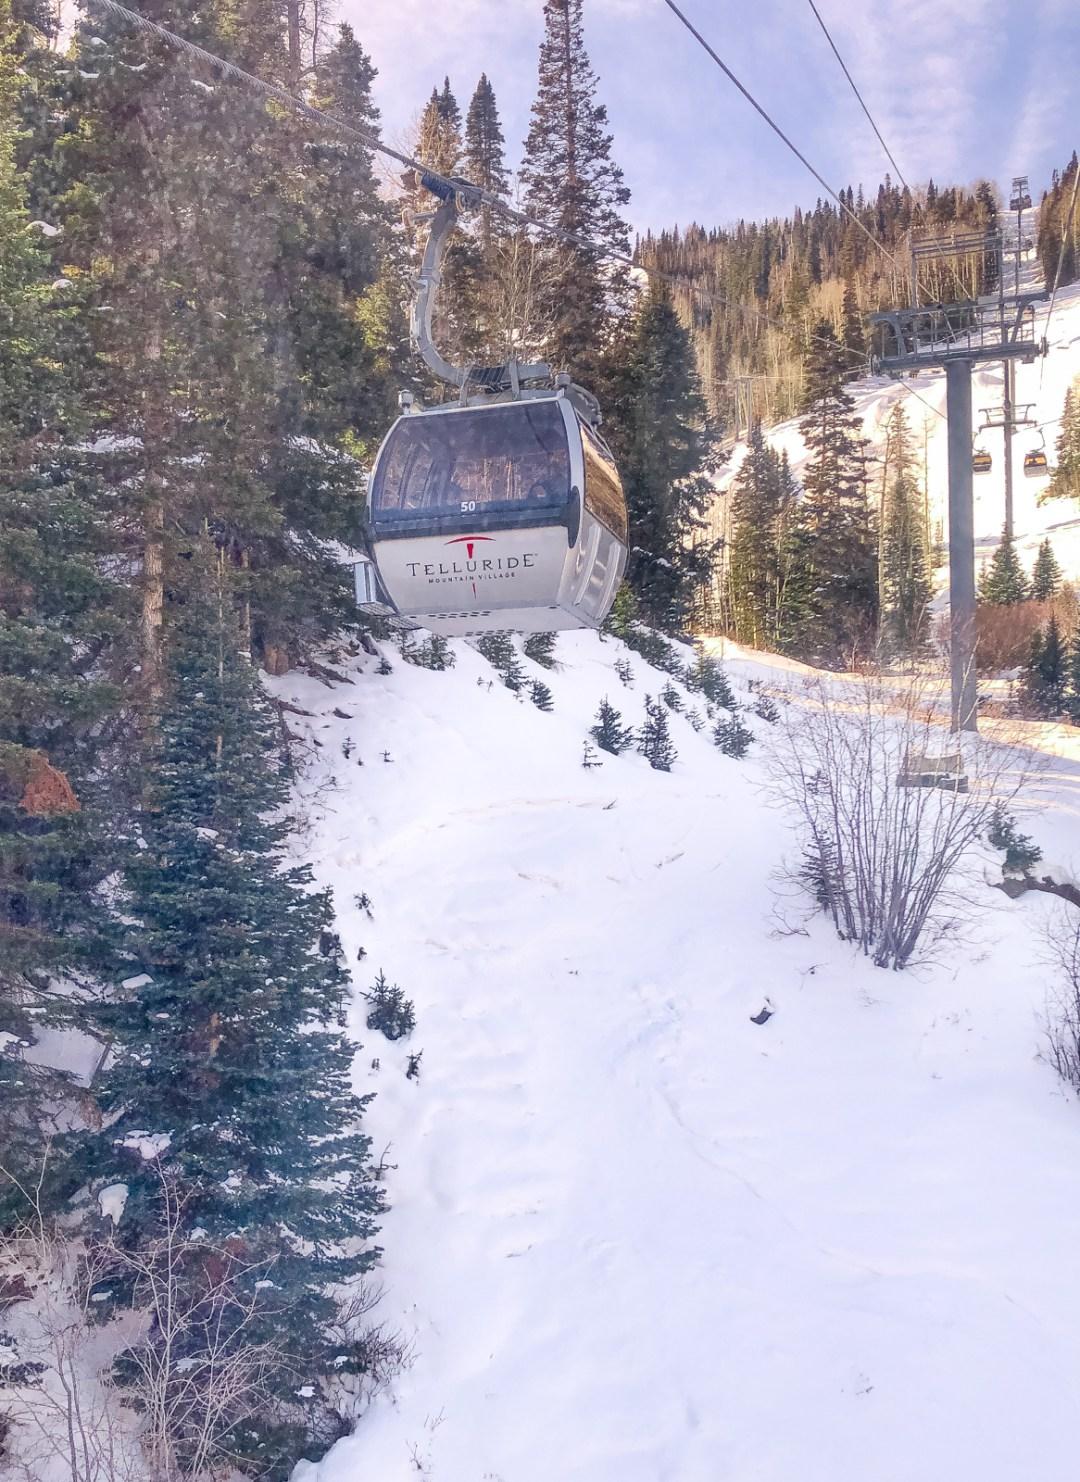 Telluride Colorado gondola